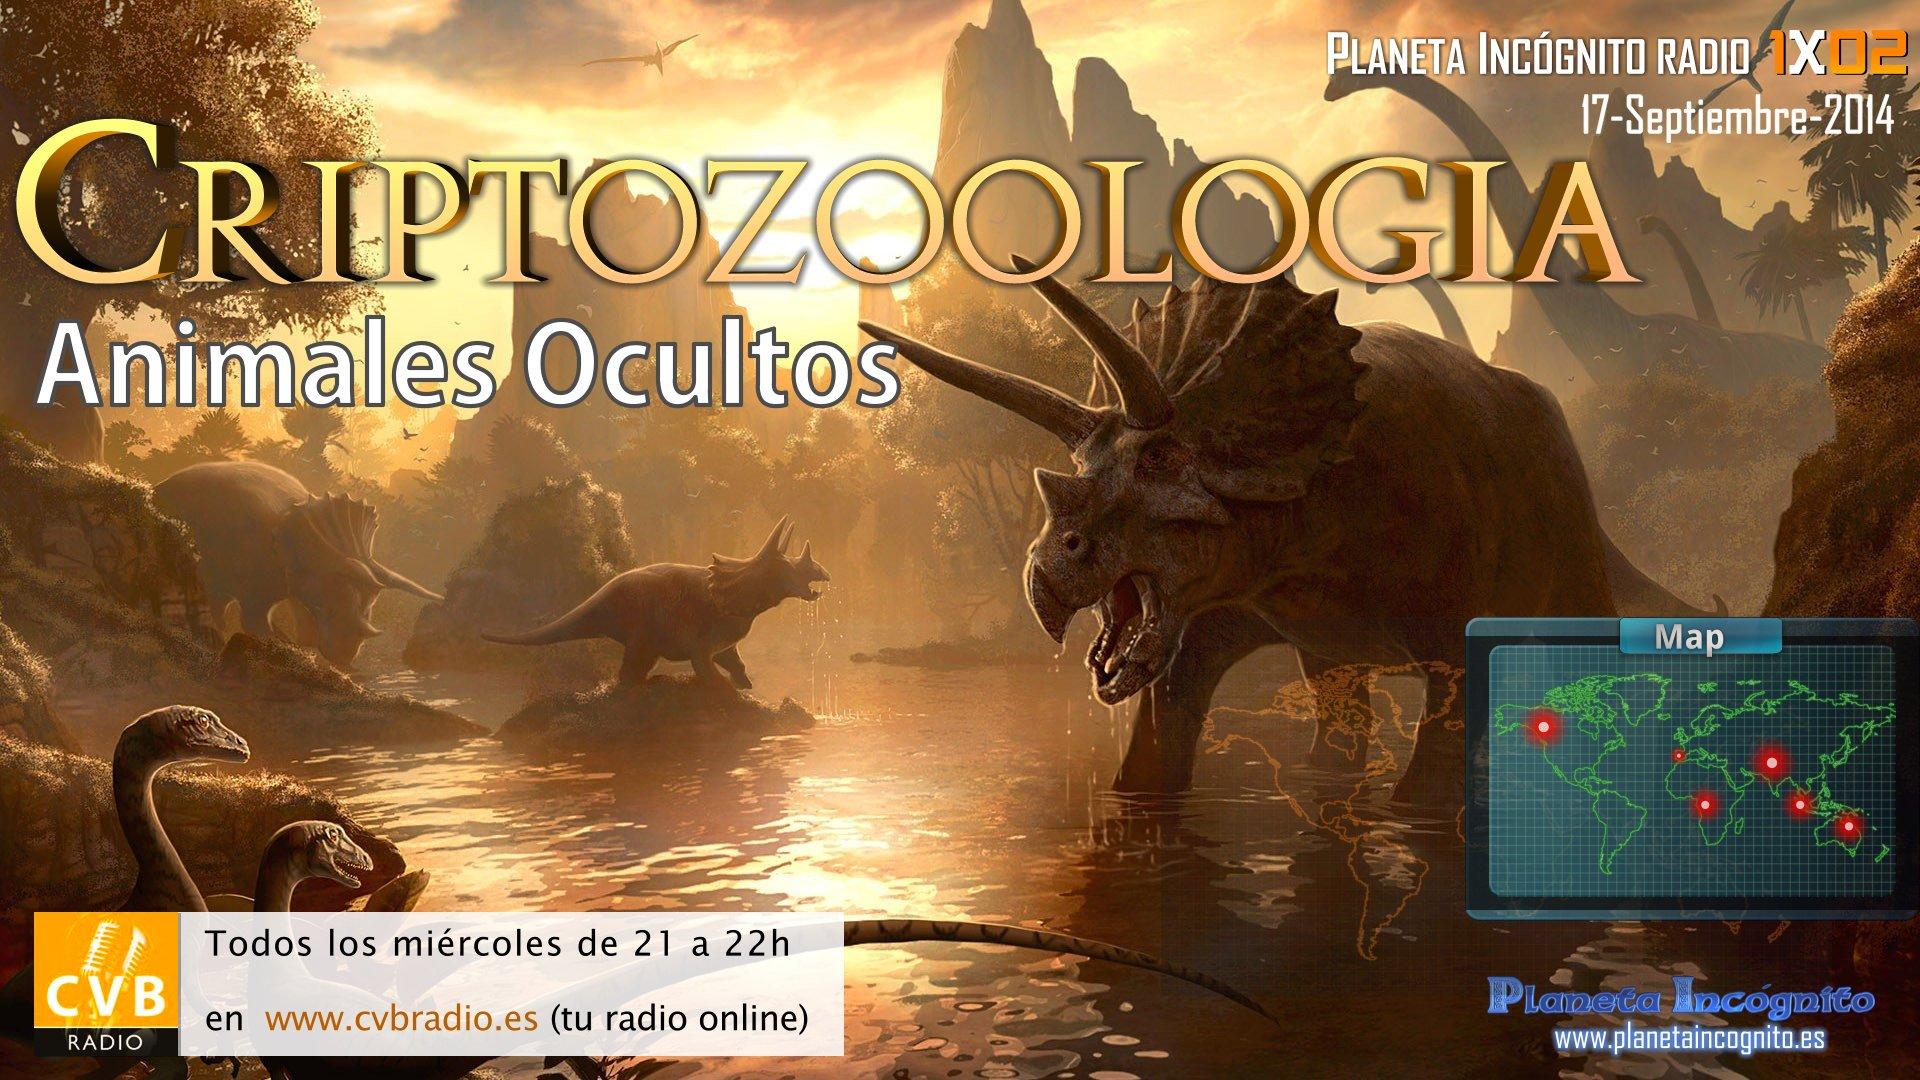 Programa 01x02 - Críptidos: Animales entre la leyenda y el mito 2